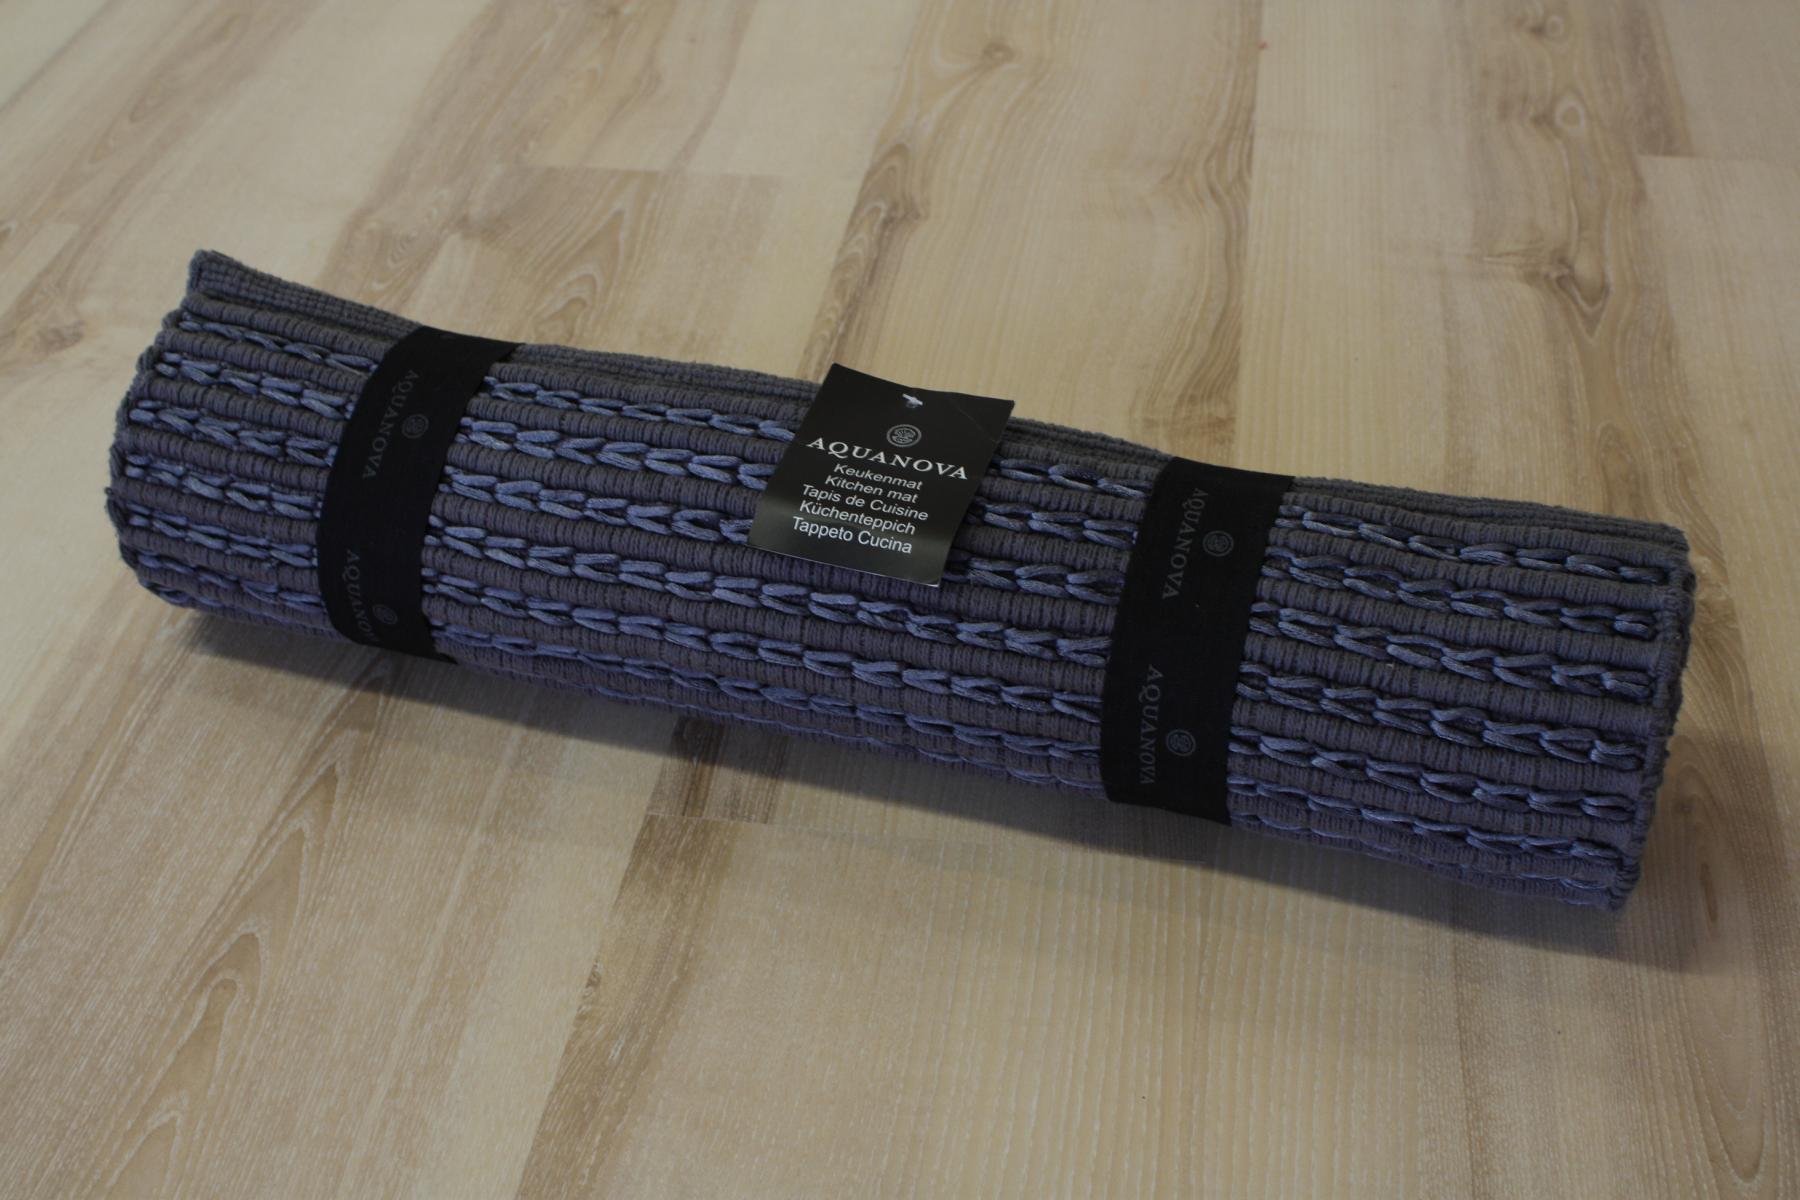 küchenteppich küchenläufer aquanova victor 98 dark grey 55x150cm ... - Küche Teppich